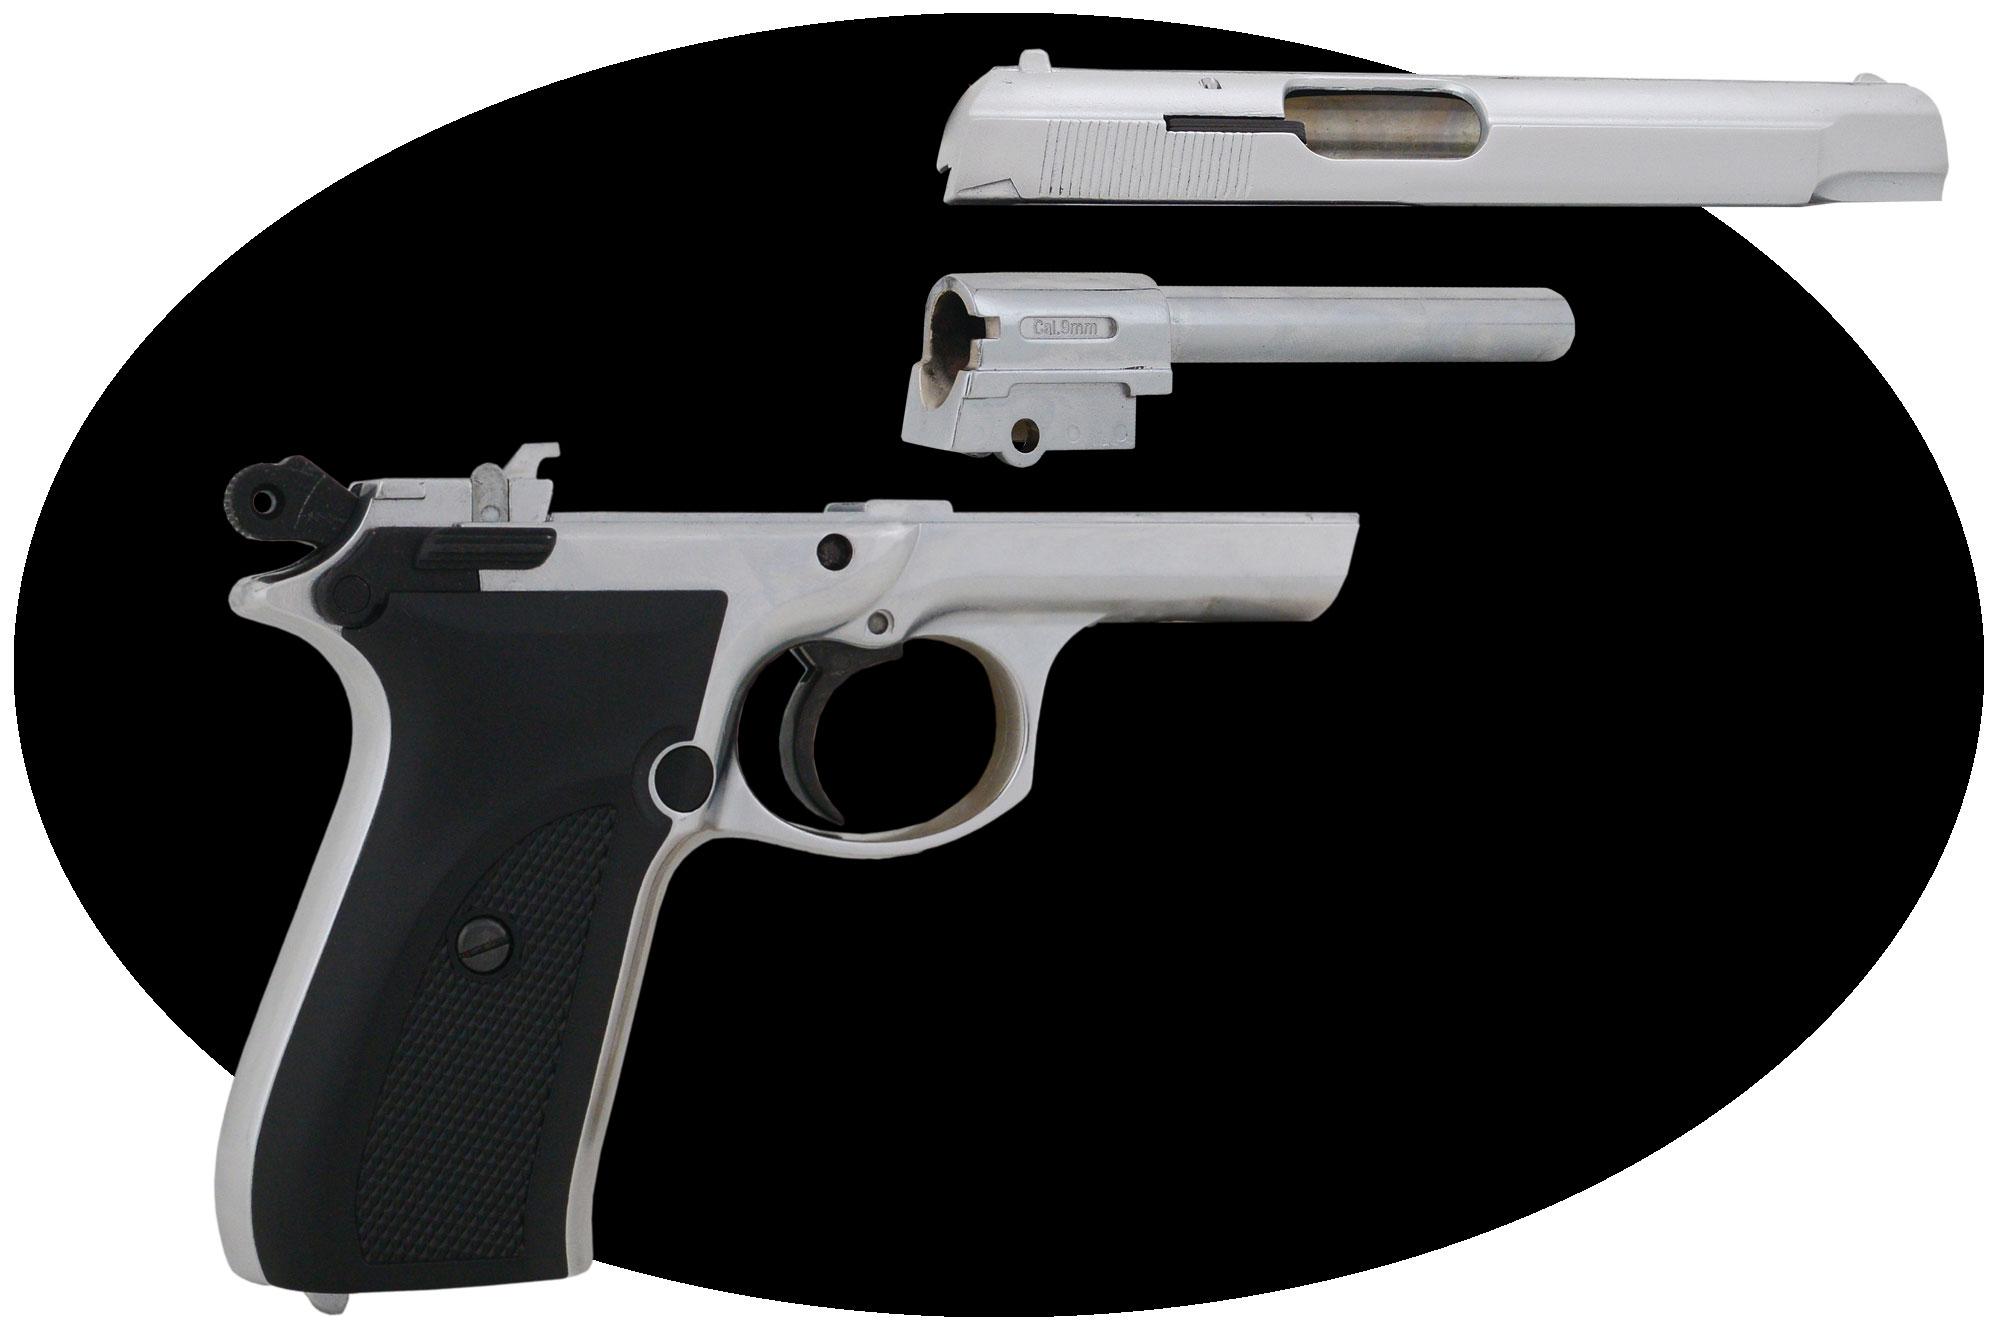 f90t-main-componant